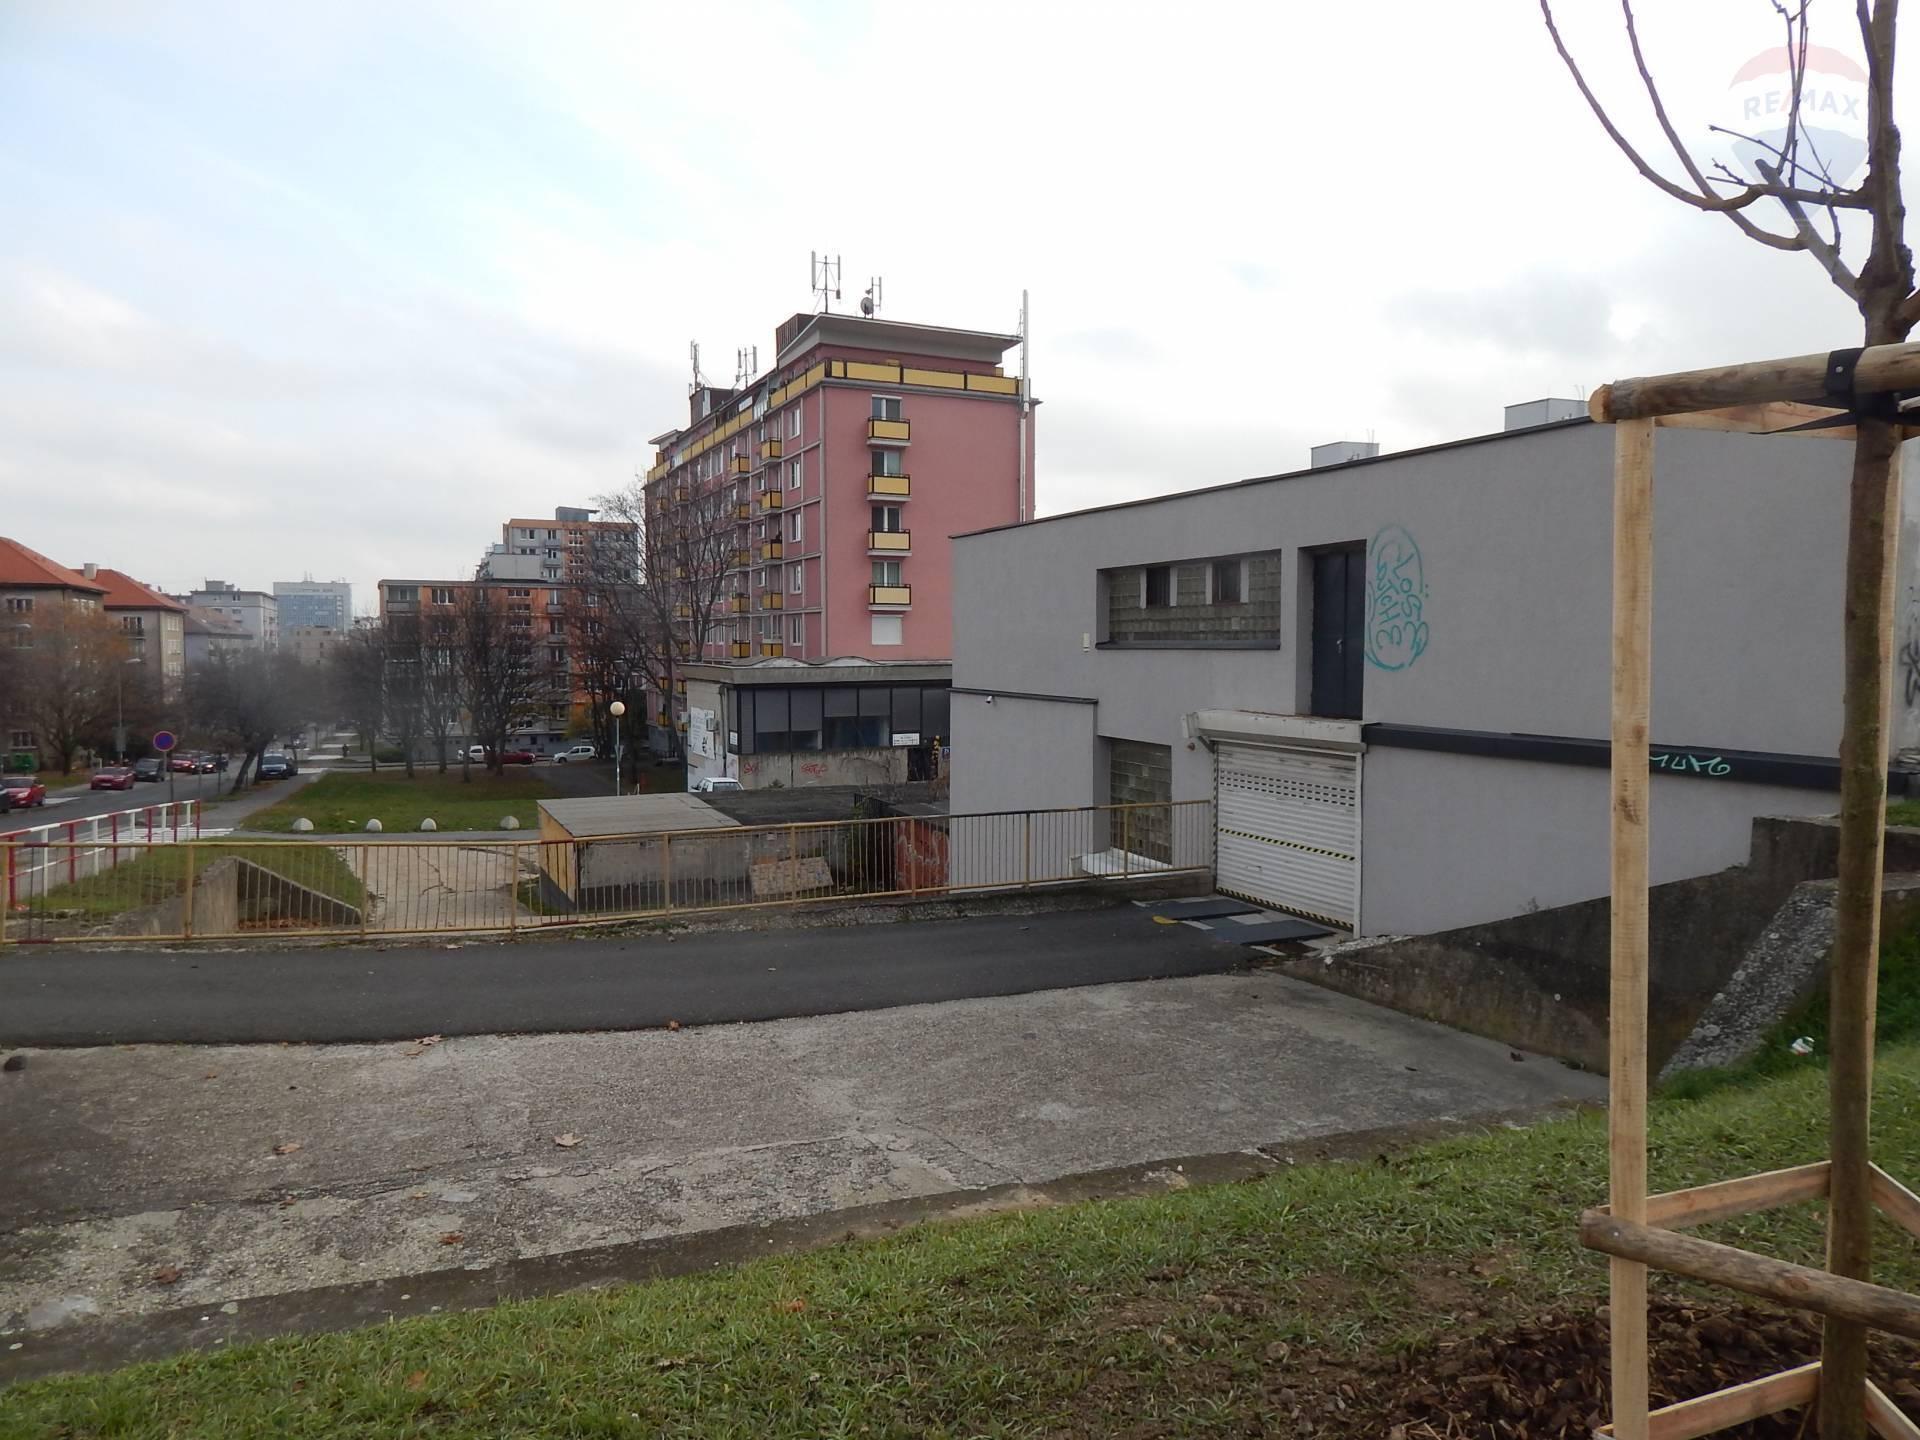 PREDAJ: Garáž v garážovom dome v lokalite Nové mesto,Kraskova ulica